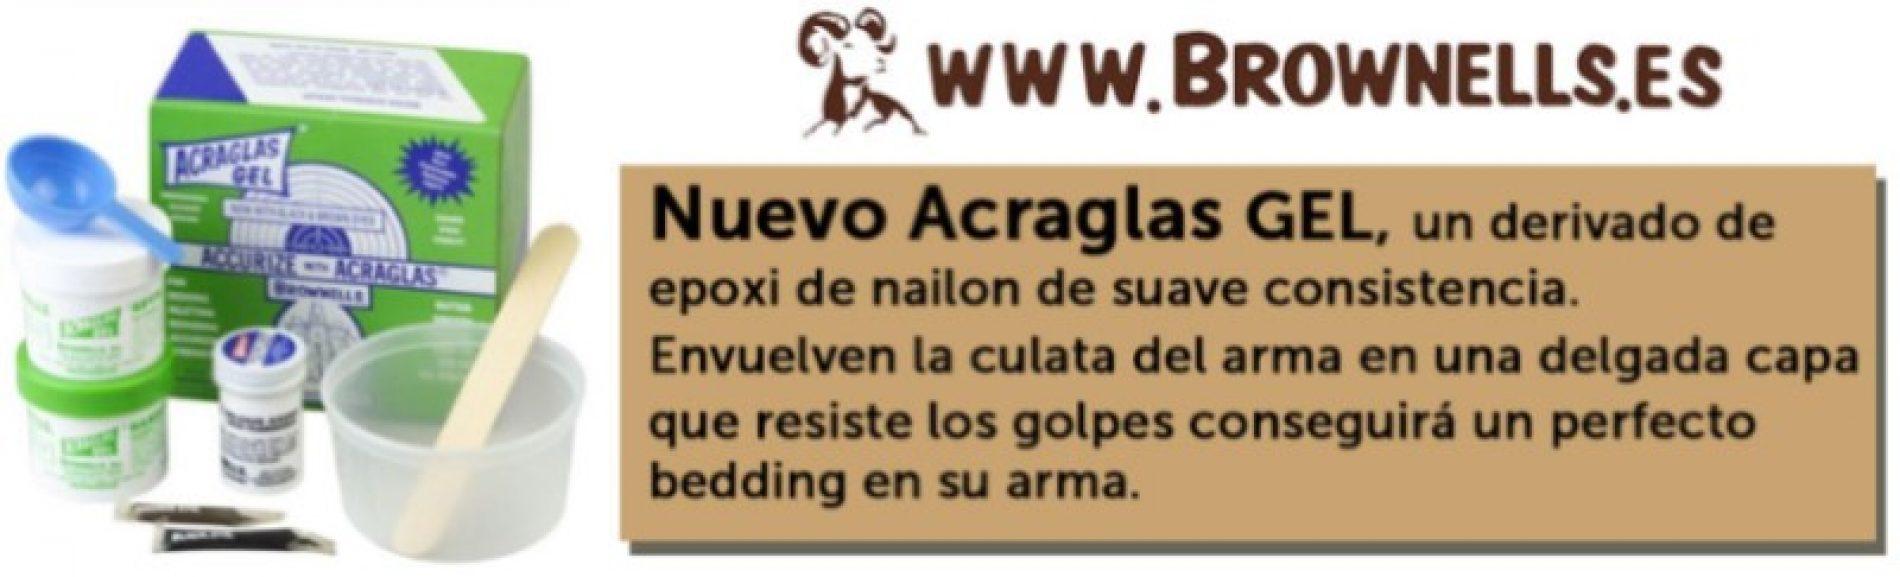 Nuevo ACRAGLAS GEL de Brownells